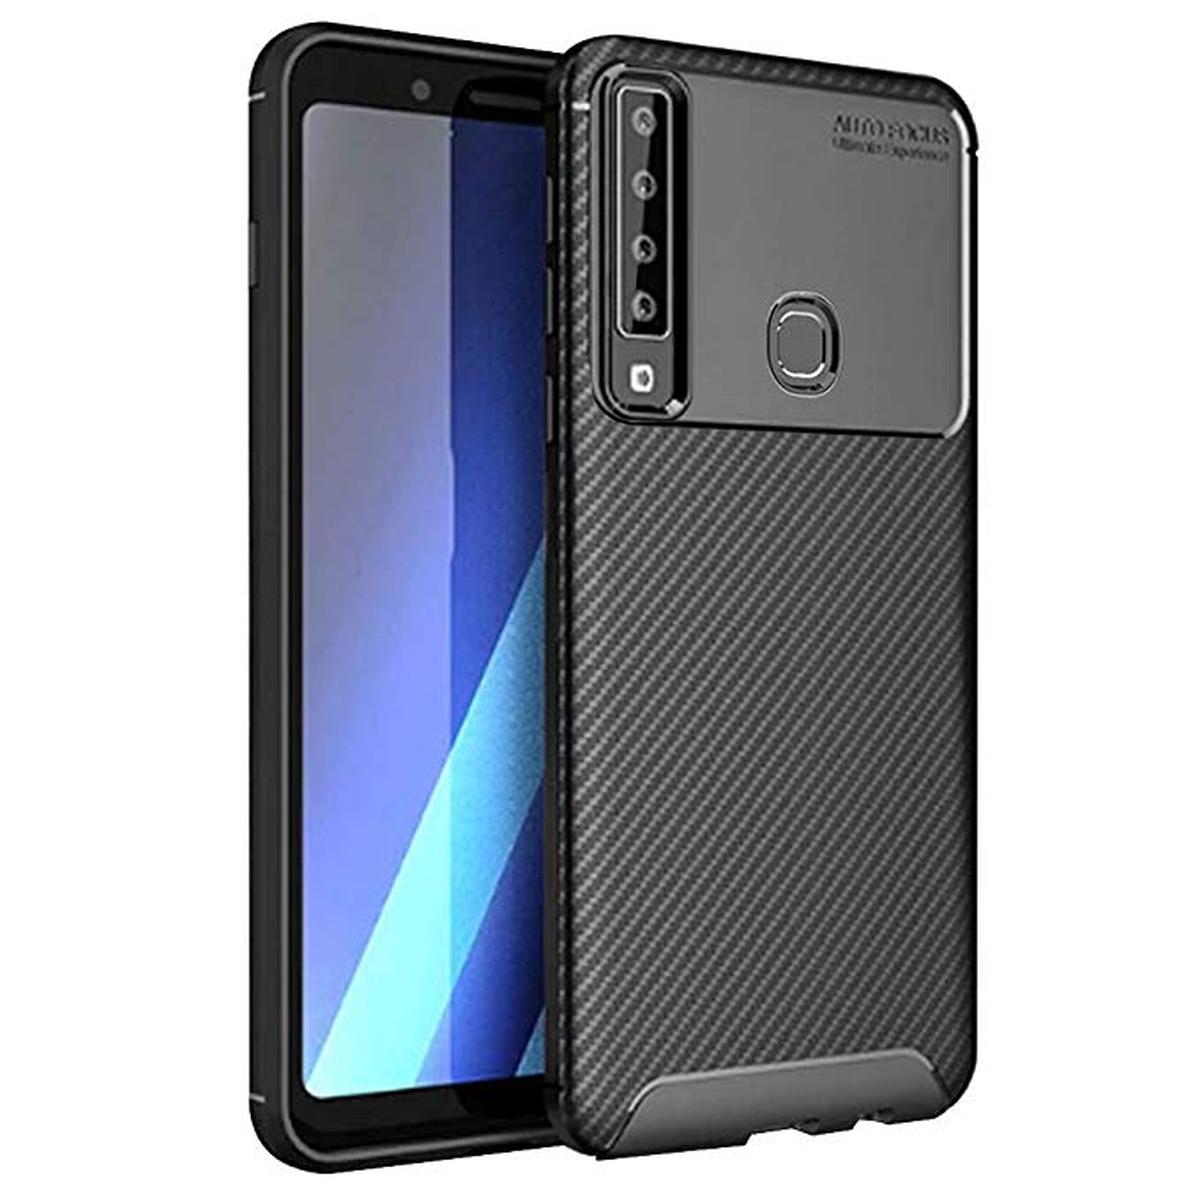 Samsung-Galaxy-A9-rugged-case-1